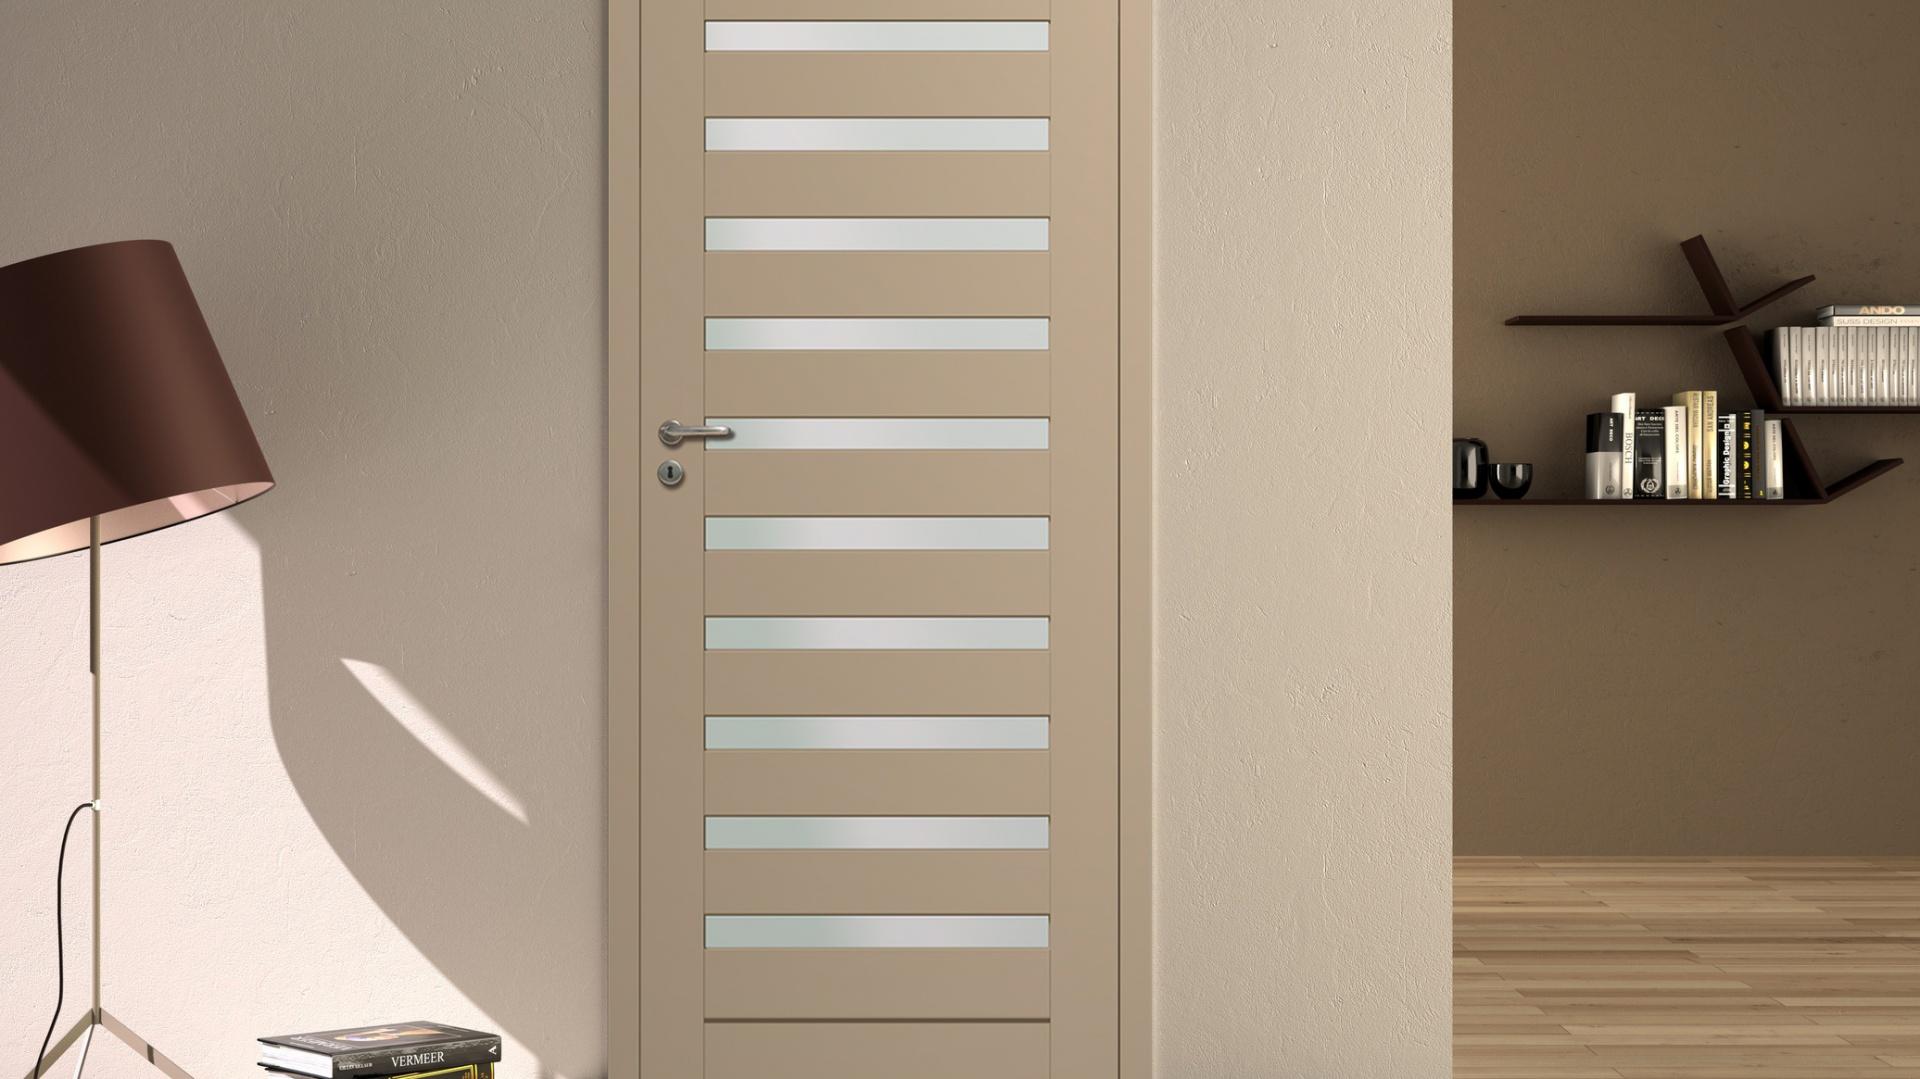 Zupełnie nowe Drzwi wewnętrzne: co warto wiedzieć zanim je kupimy? Galeria GP01